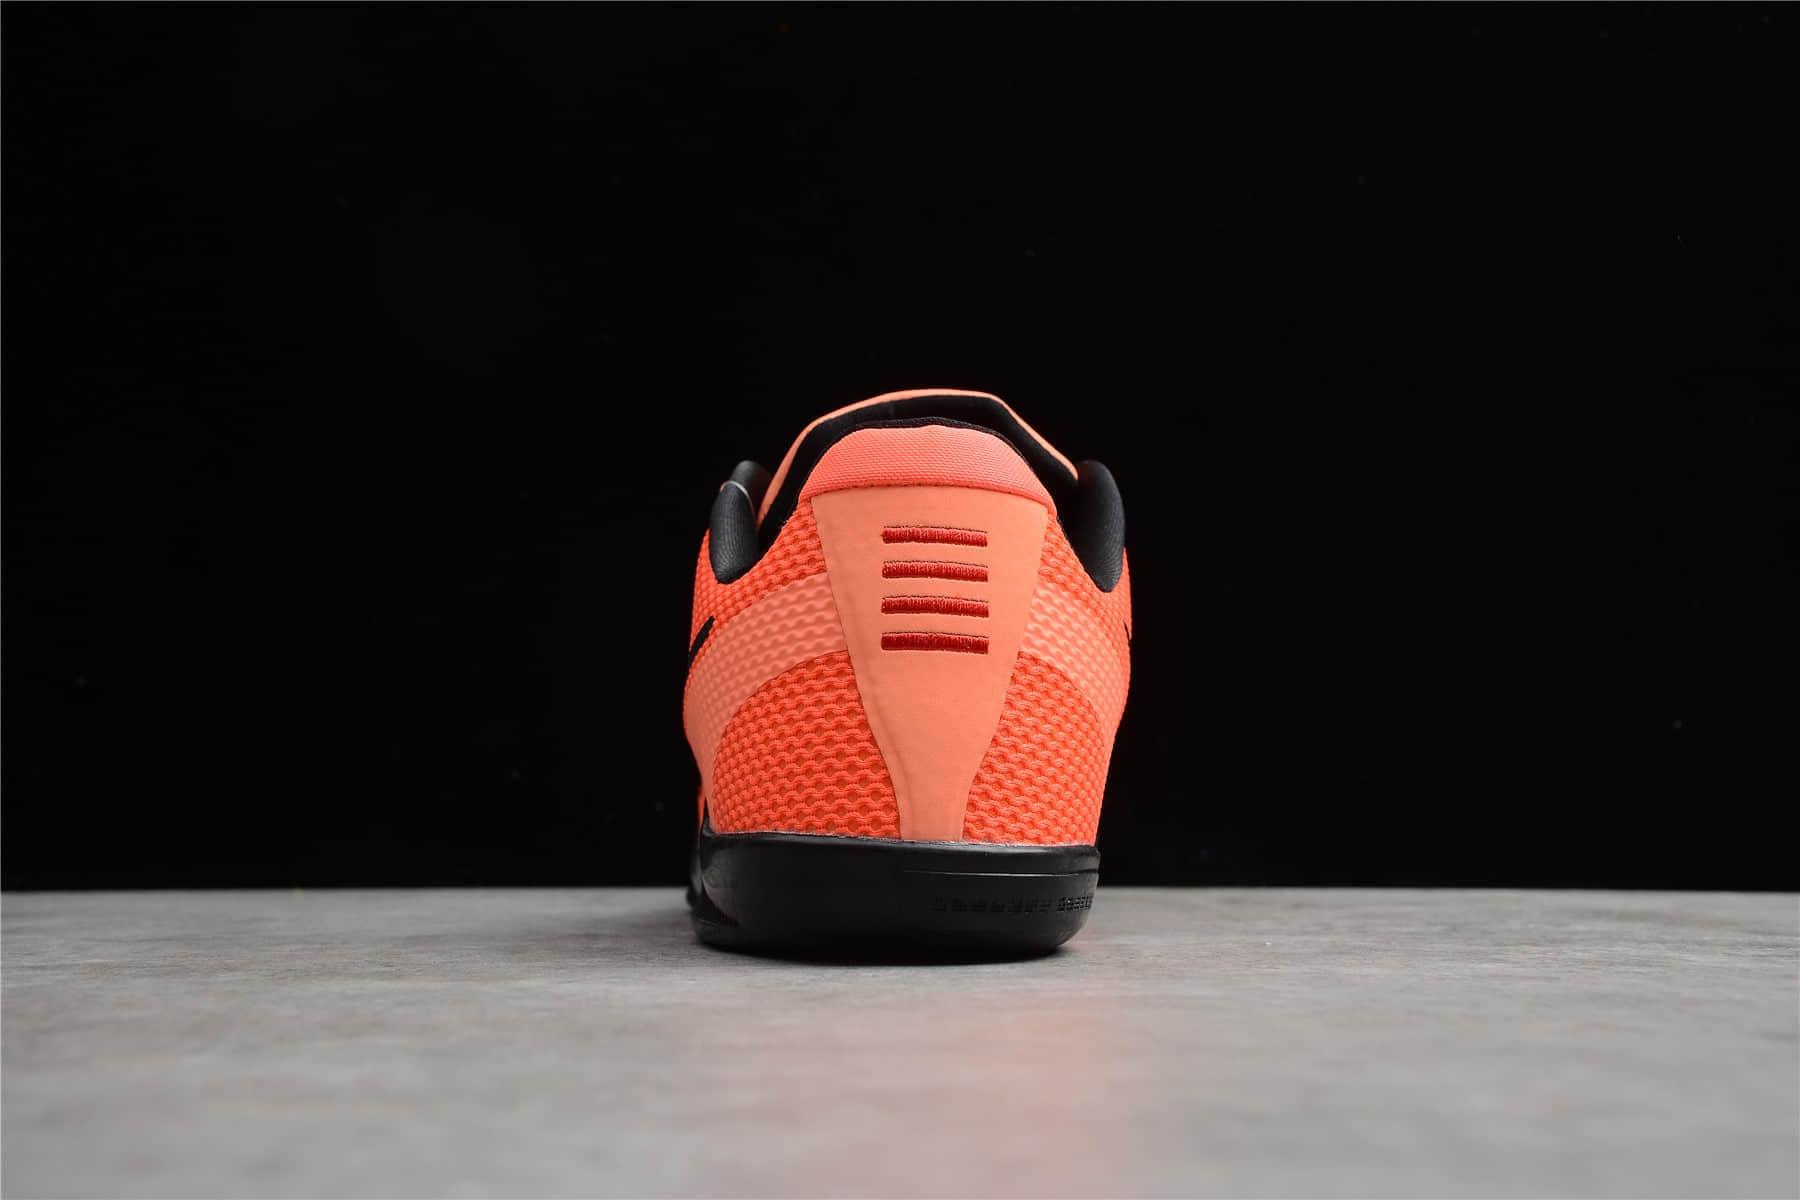 """科比11橙黑色实战篮球鞋 Nike Kobe 11 EM """"Bright Mango"""" 耐克科比 11 橙色球鞋 科比11EM 货号:836183-806-潮流者之家"""